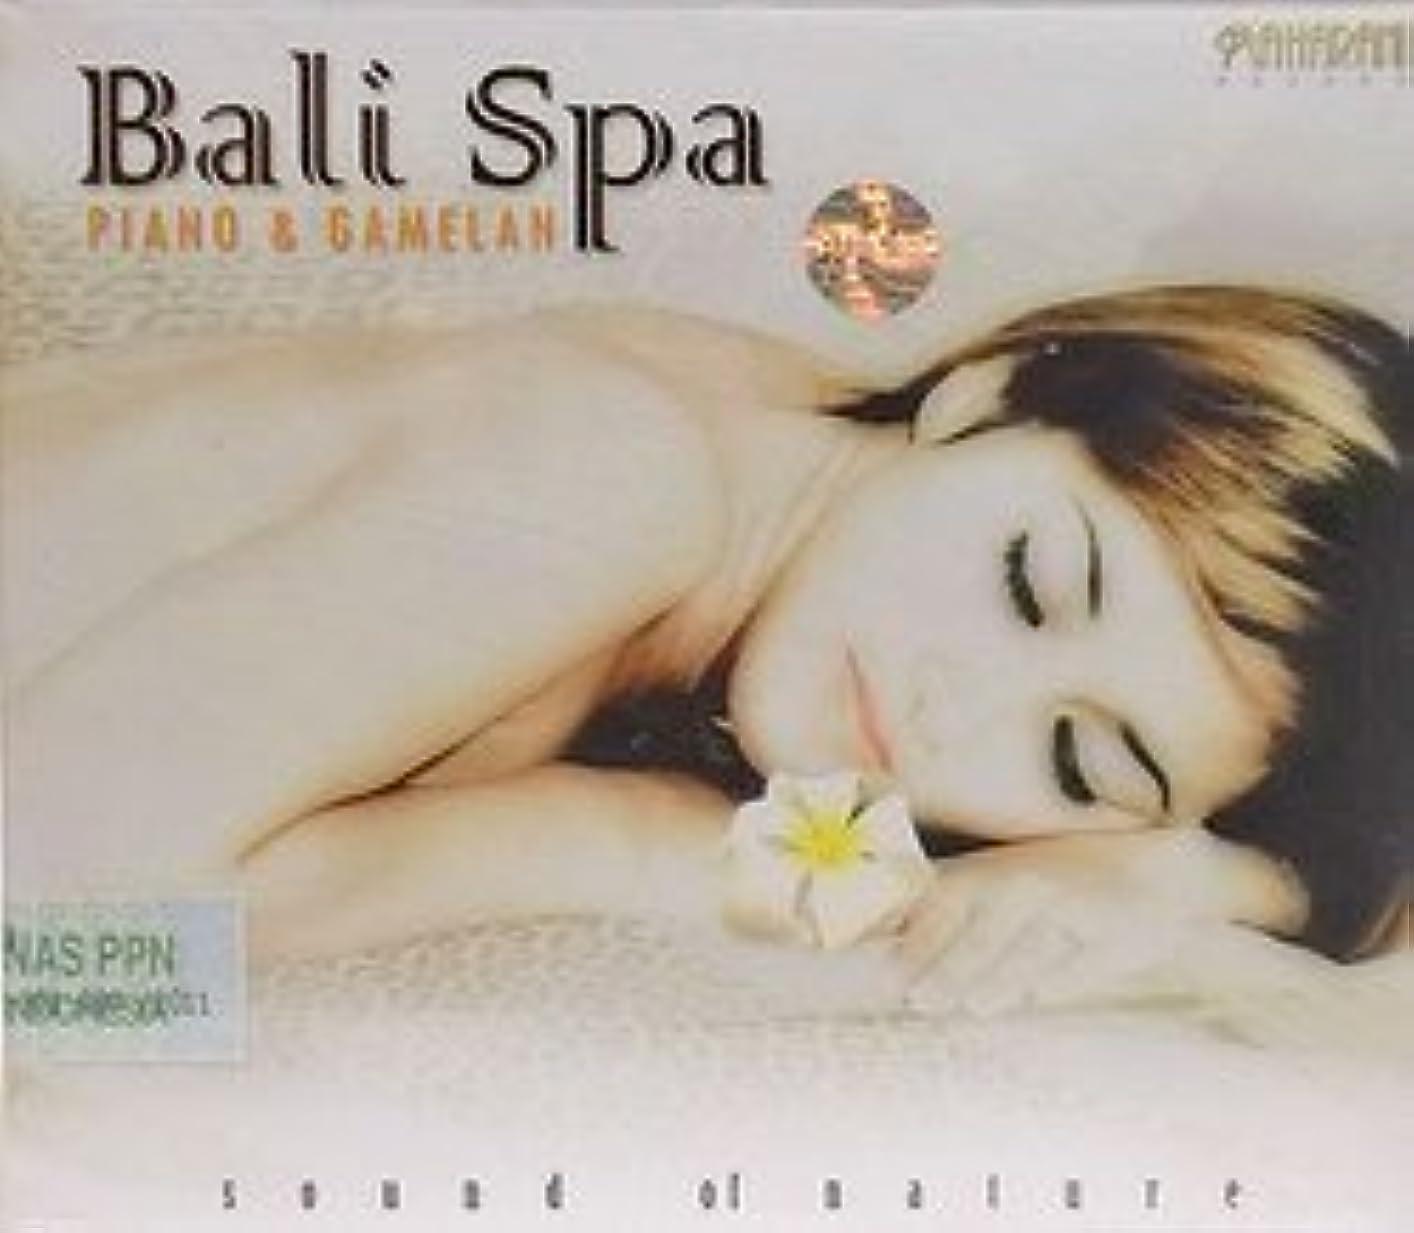 マサッチョ申請中確認する癒しのバリミュージック 『Bali Spa PIANO&GAMELAN』 バリ雑貨 癒し系CD ヒーリングミュージック